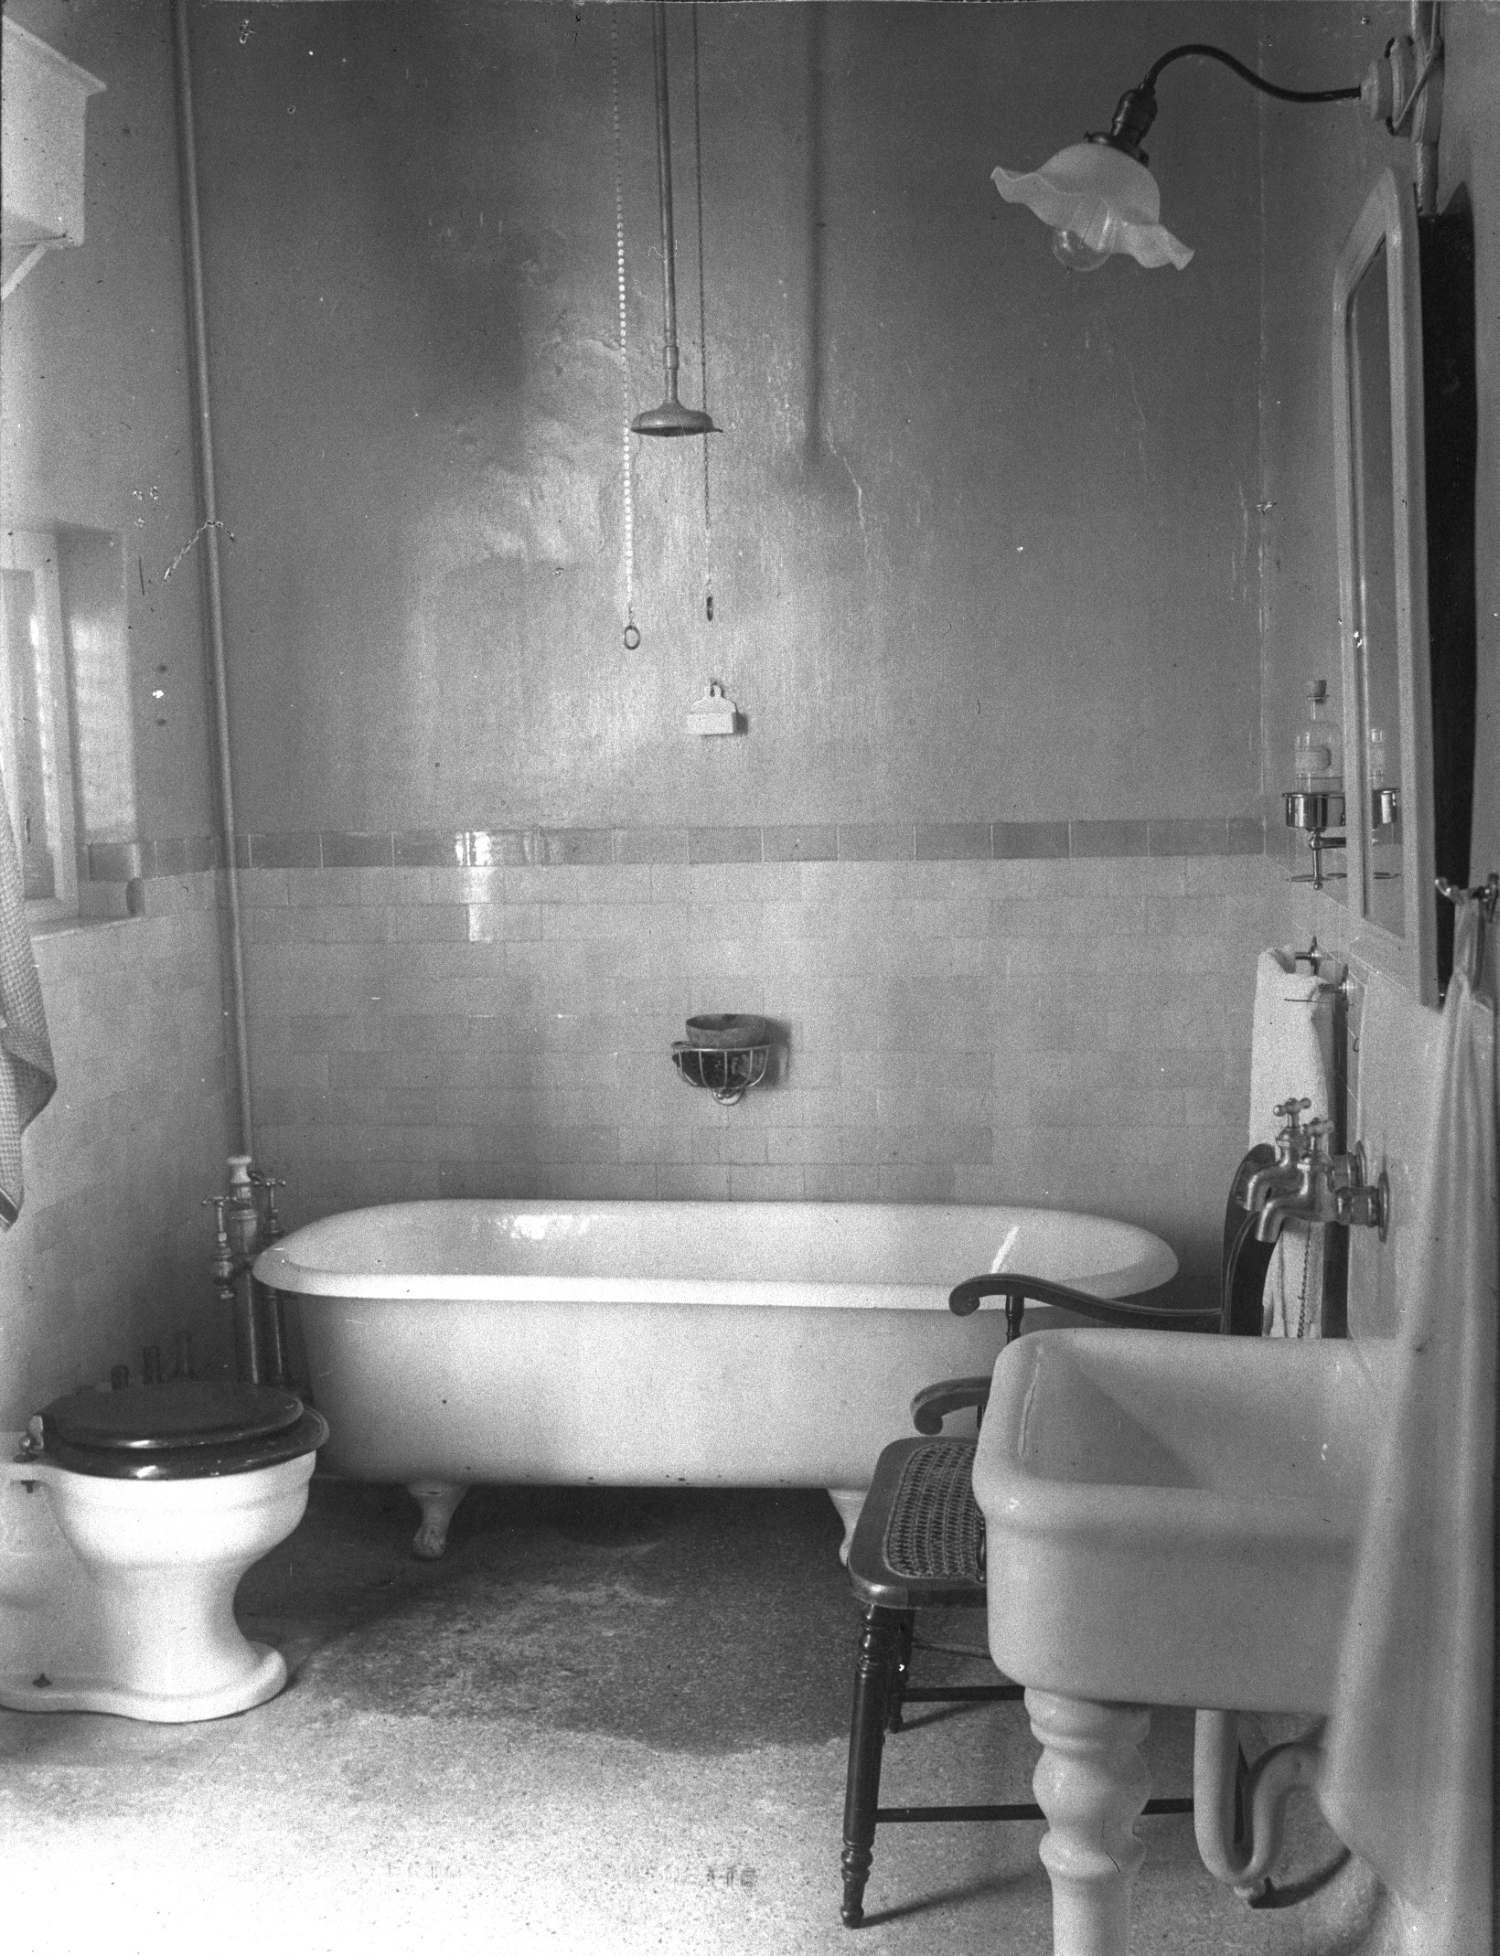 De badkamer in het paleis van de gouverneur het geheugen van nederland online beeldbank van - Badkamer jaar ...